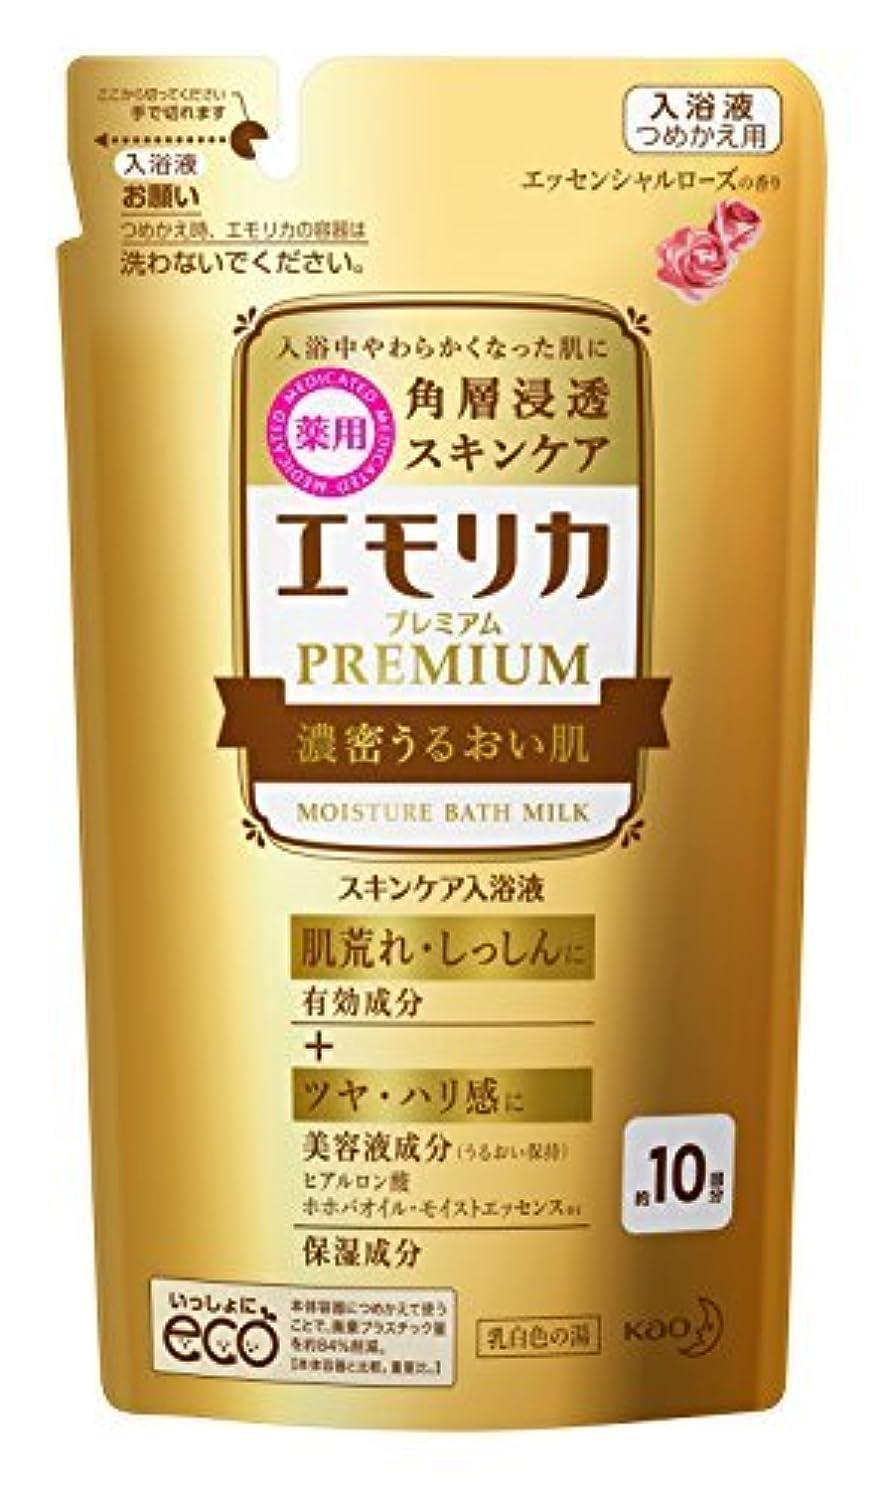 スキャン記念碑仮装エモリカ プレミアム 濃密うるおい肌 つめかえ用 300ml 入浴剤 Japan